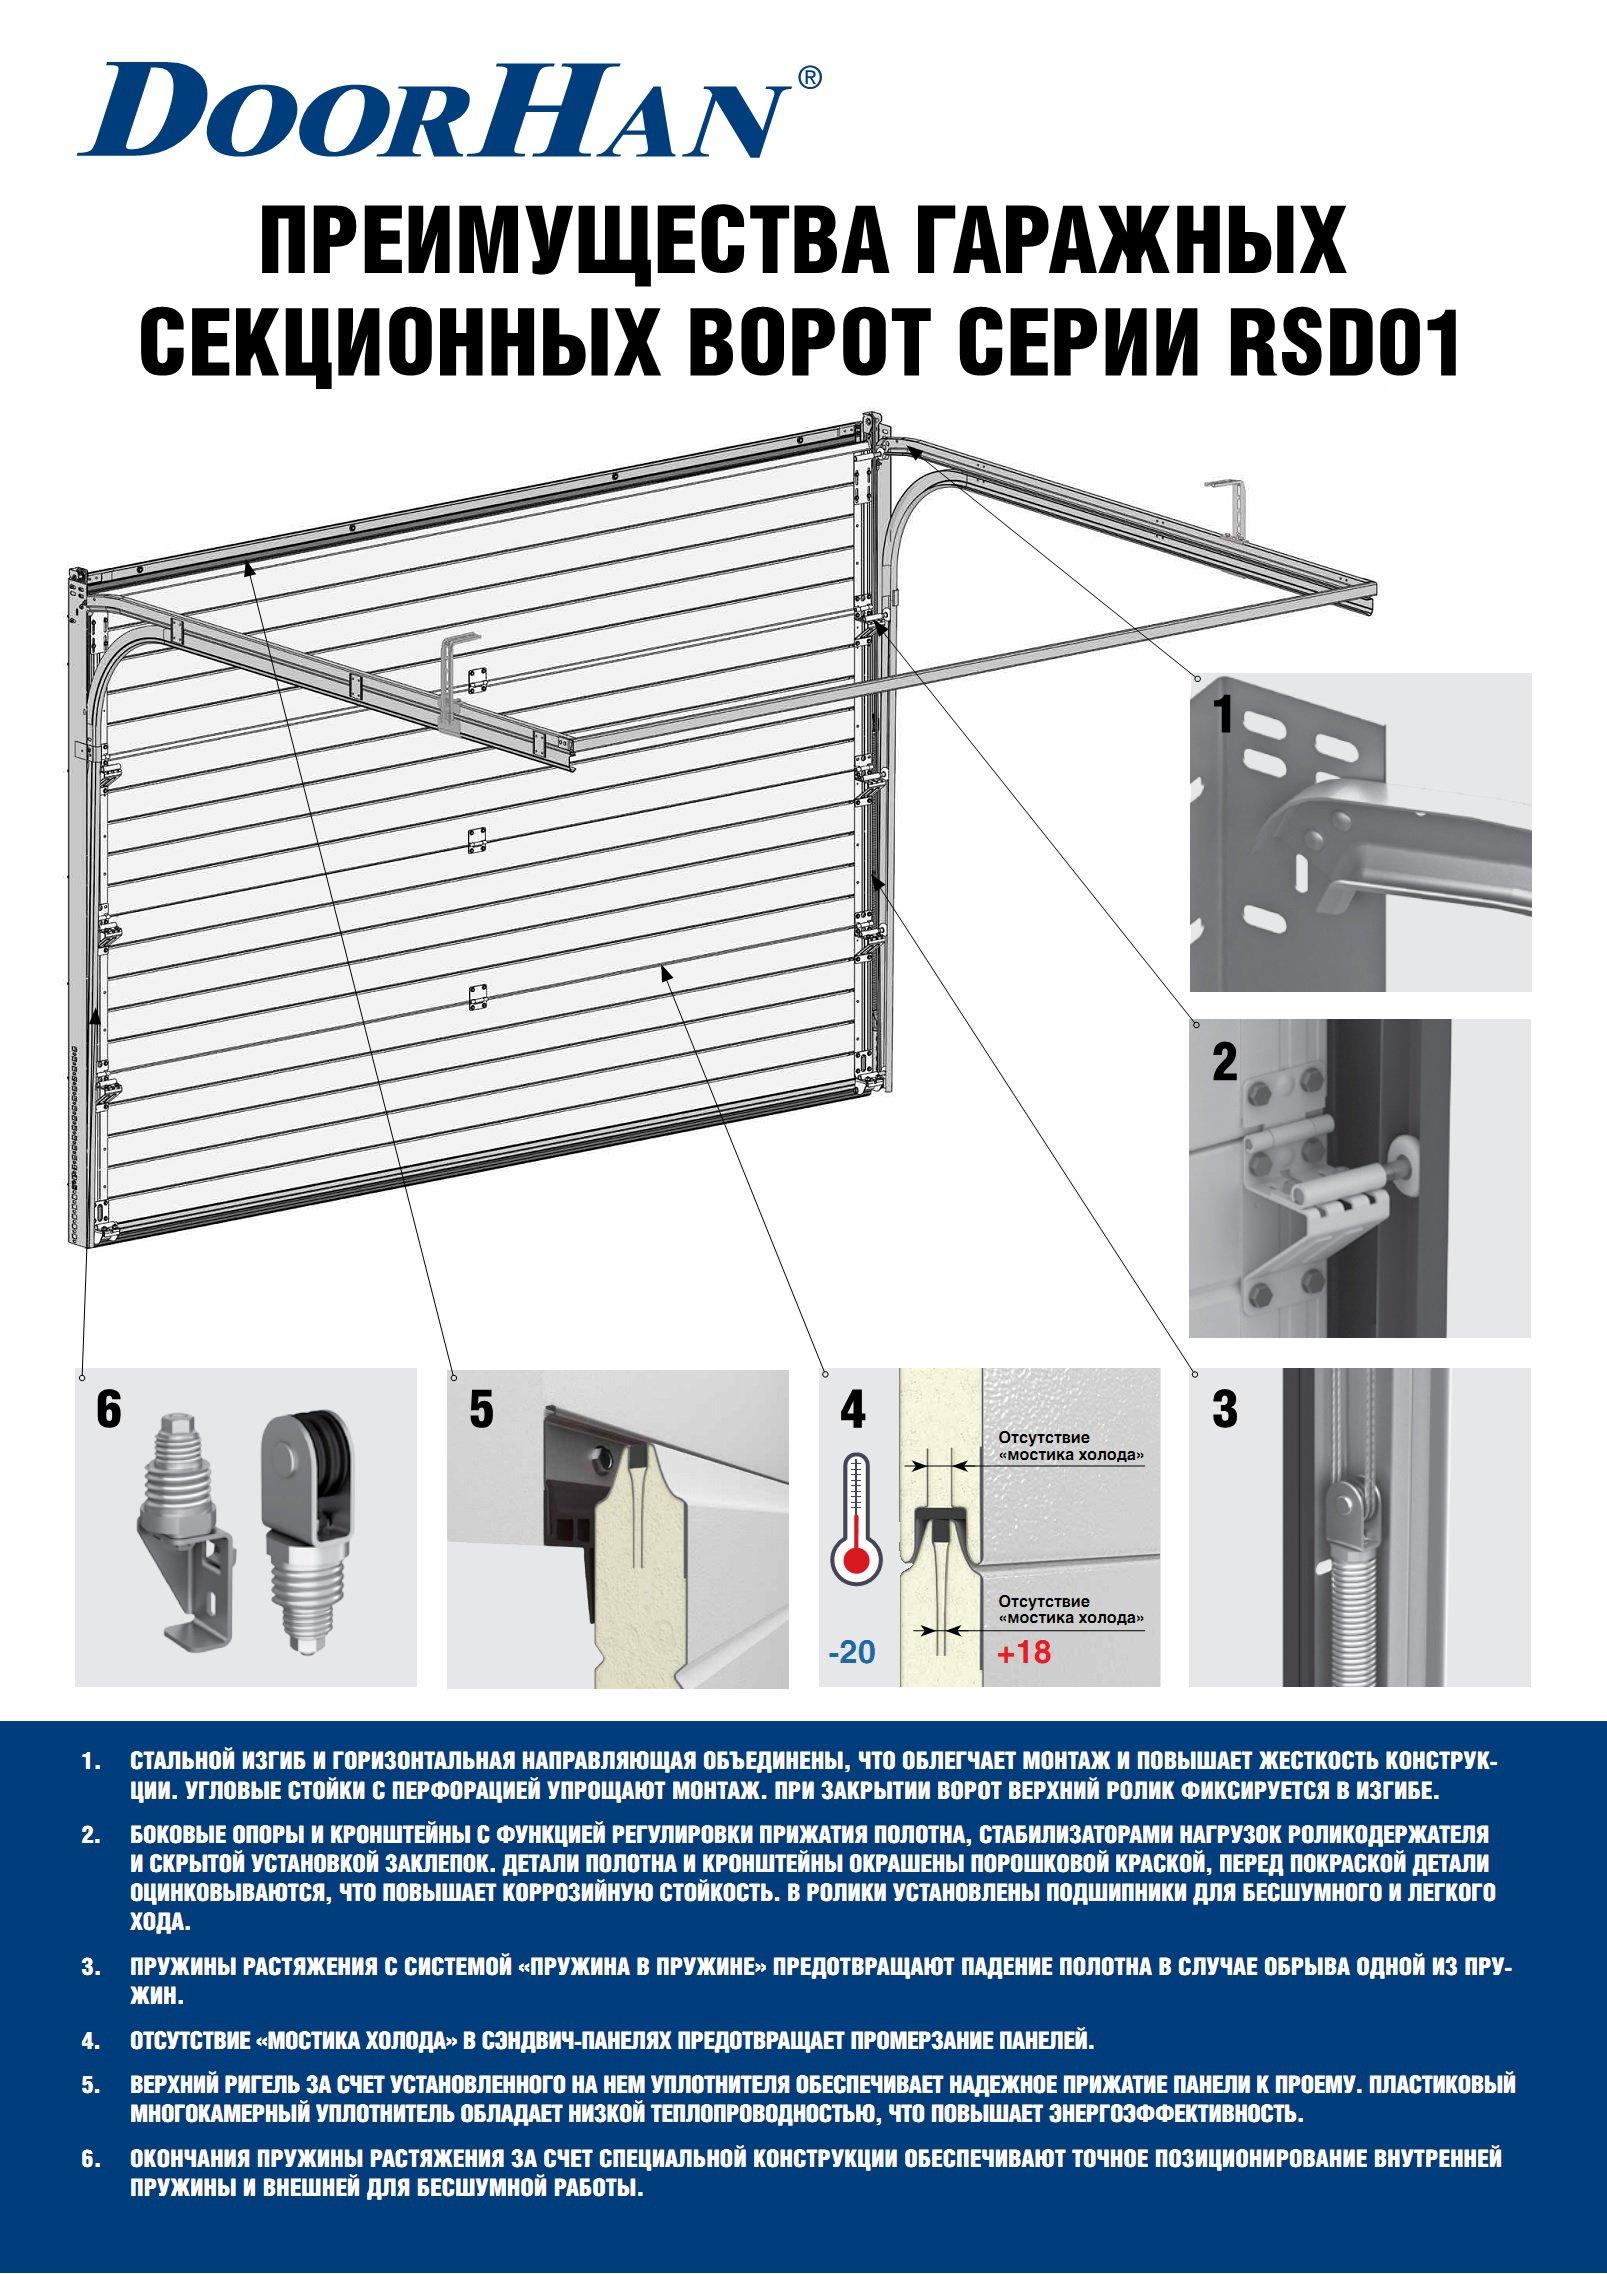 Преимущества гаражных секционных ворот серии RSD01